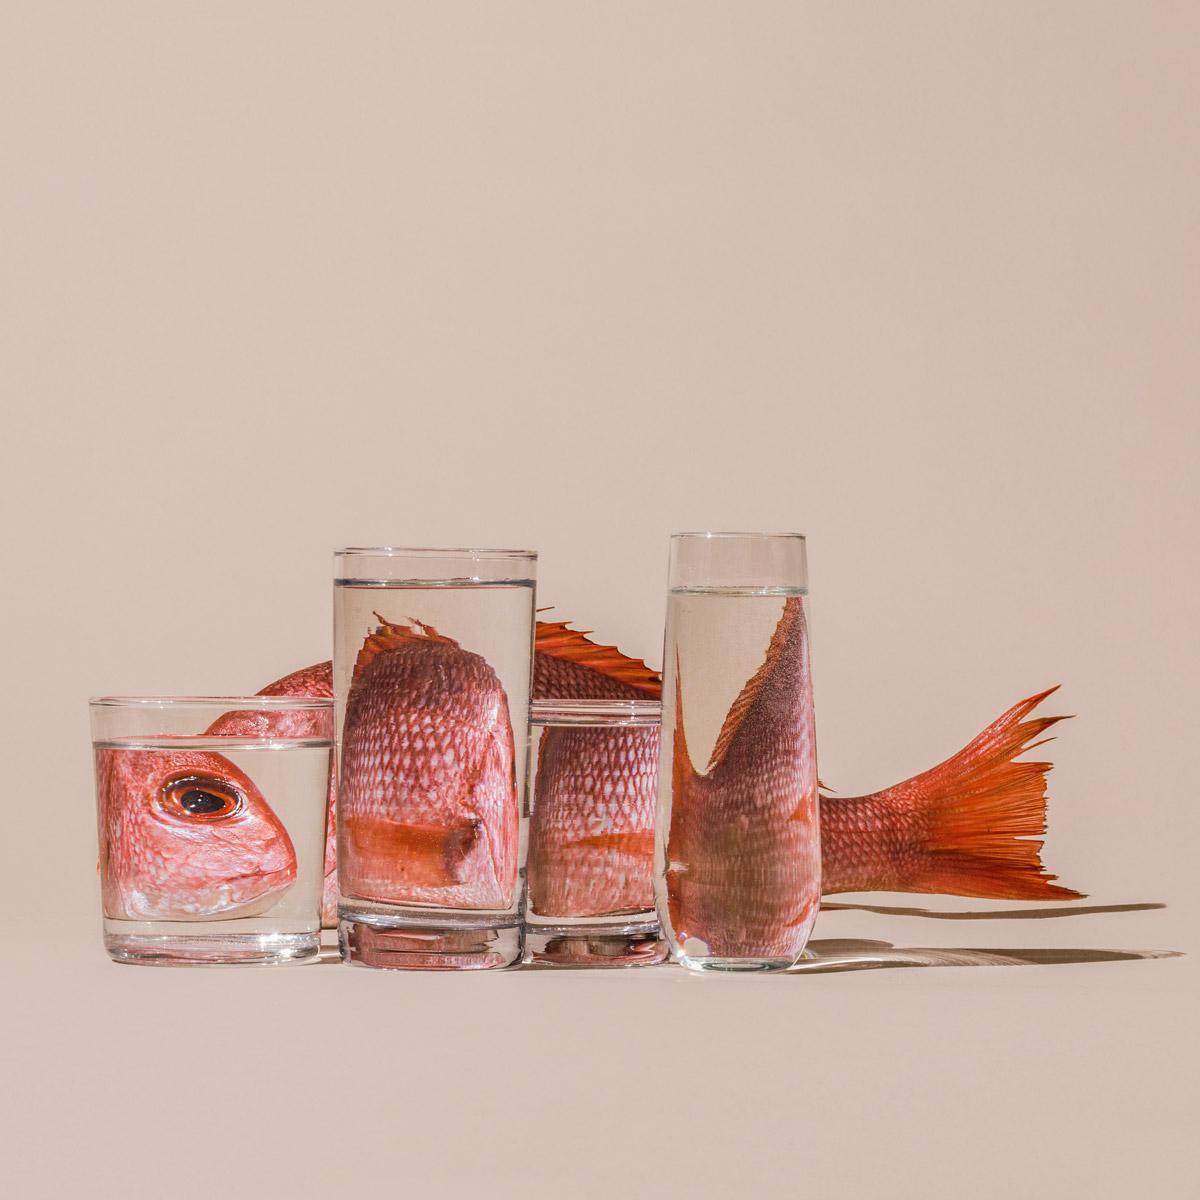 Fotografia – Gli oggetti distorti di SuzanneSaroff